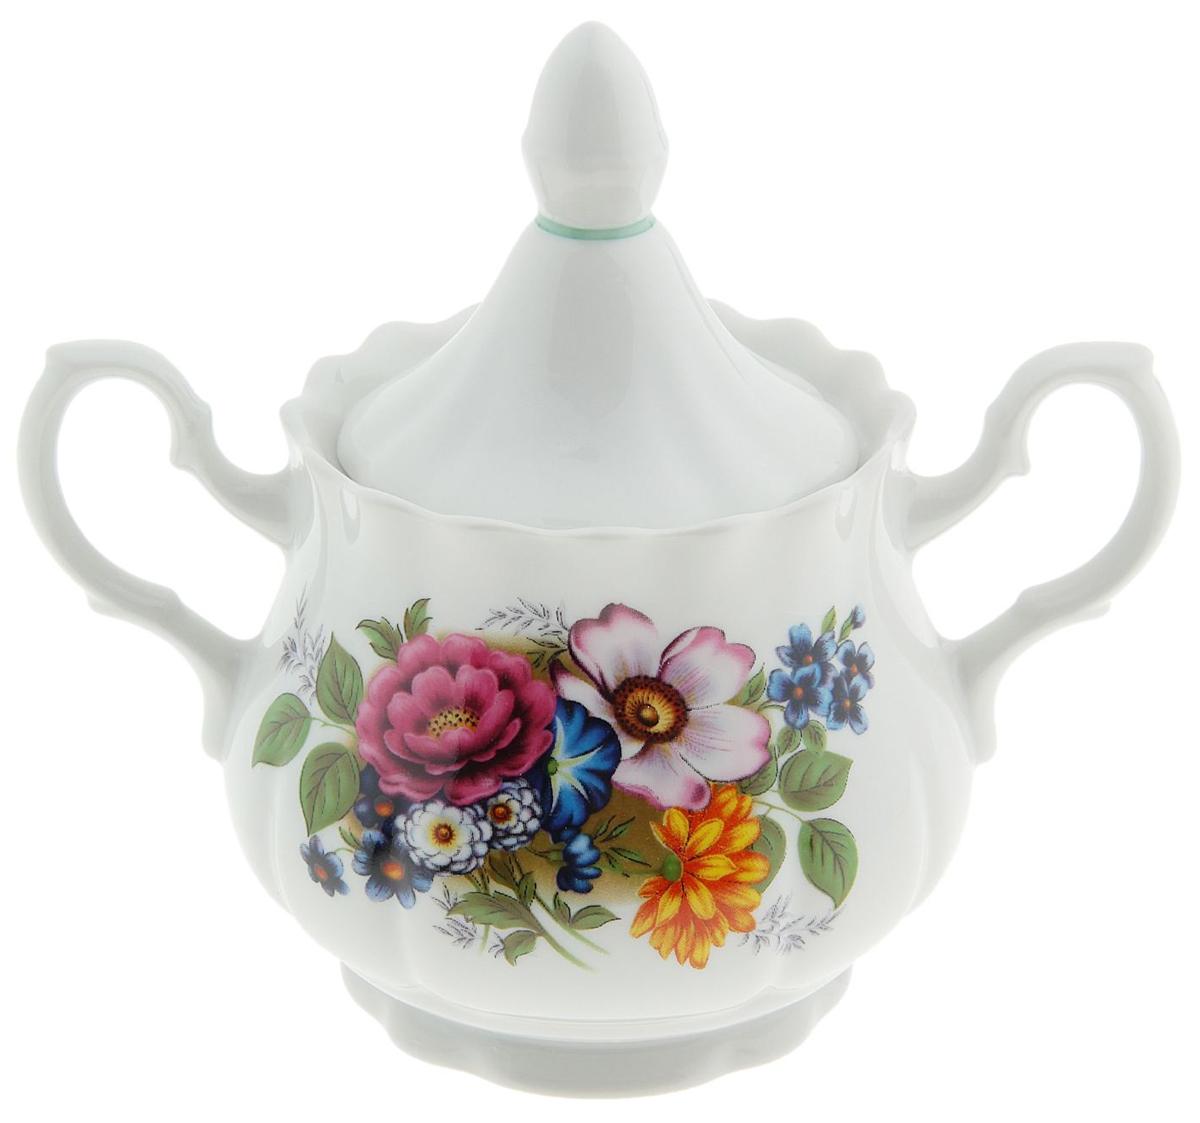 Сахарница Романс. Маленькие цветы, 550 мл507726Сахарница с крышкой изготовлена из фарфора и оформлена принтом. Емкость универсальна, подойдет как для сахара, так и для специй или меда.